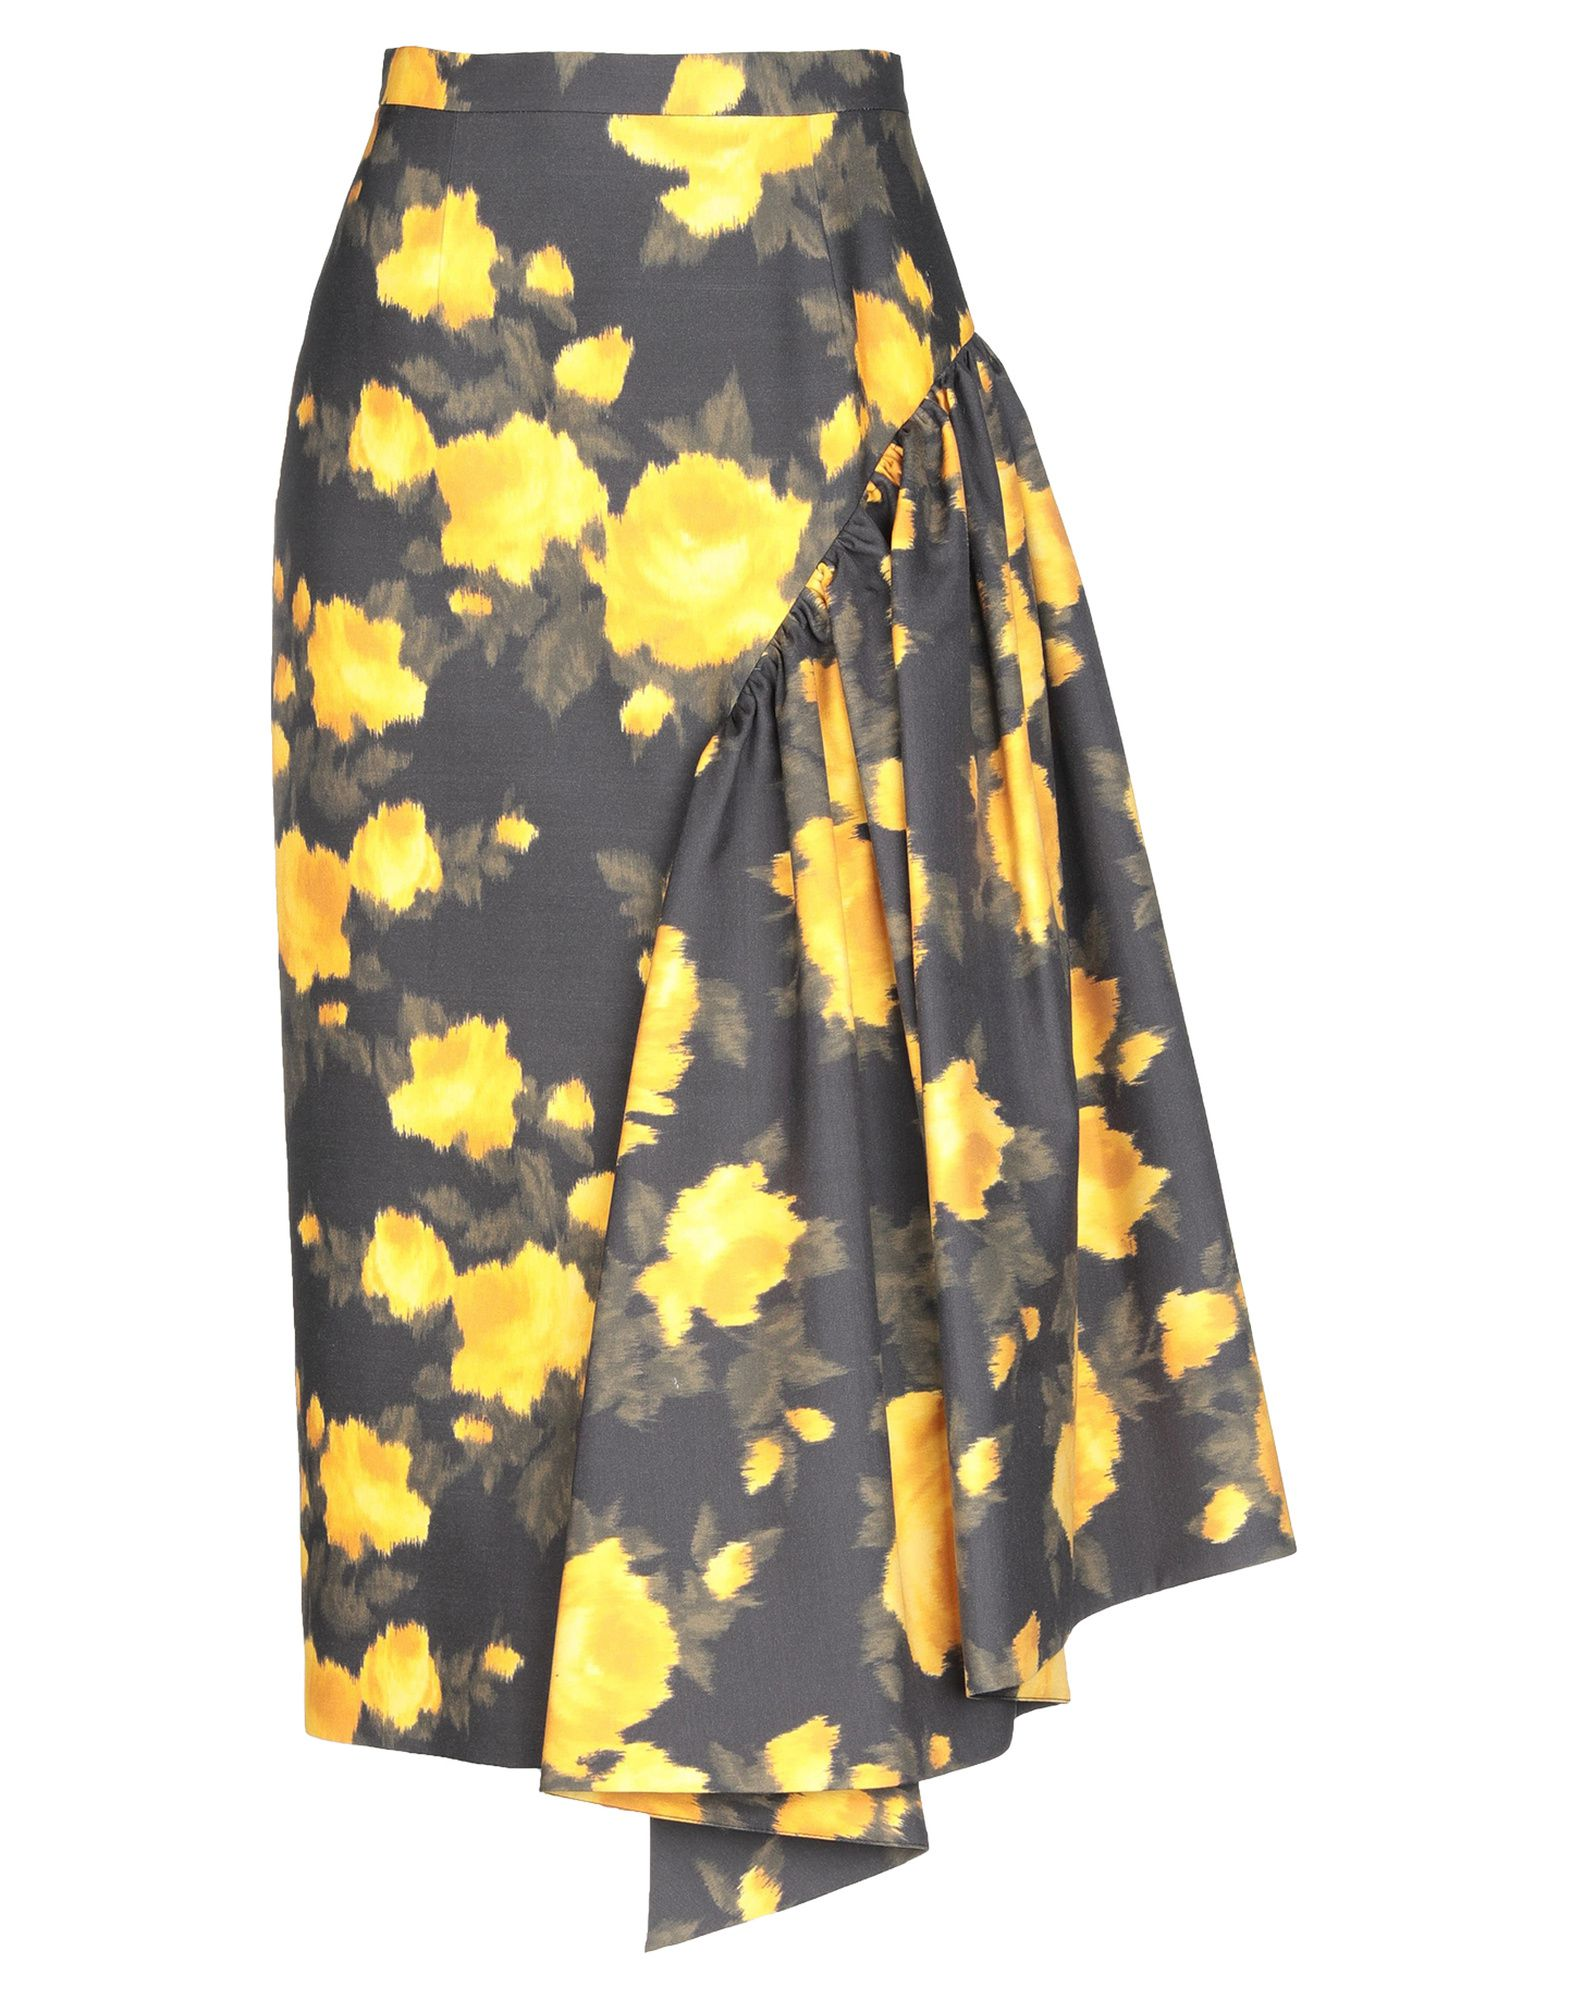 Фото - MICHAEL KORS COLLECTION Юбка длиной 3/4 michael kors collection юбка длиной 3 4